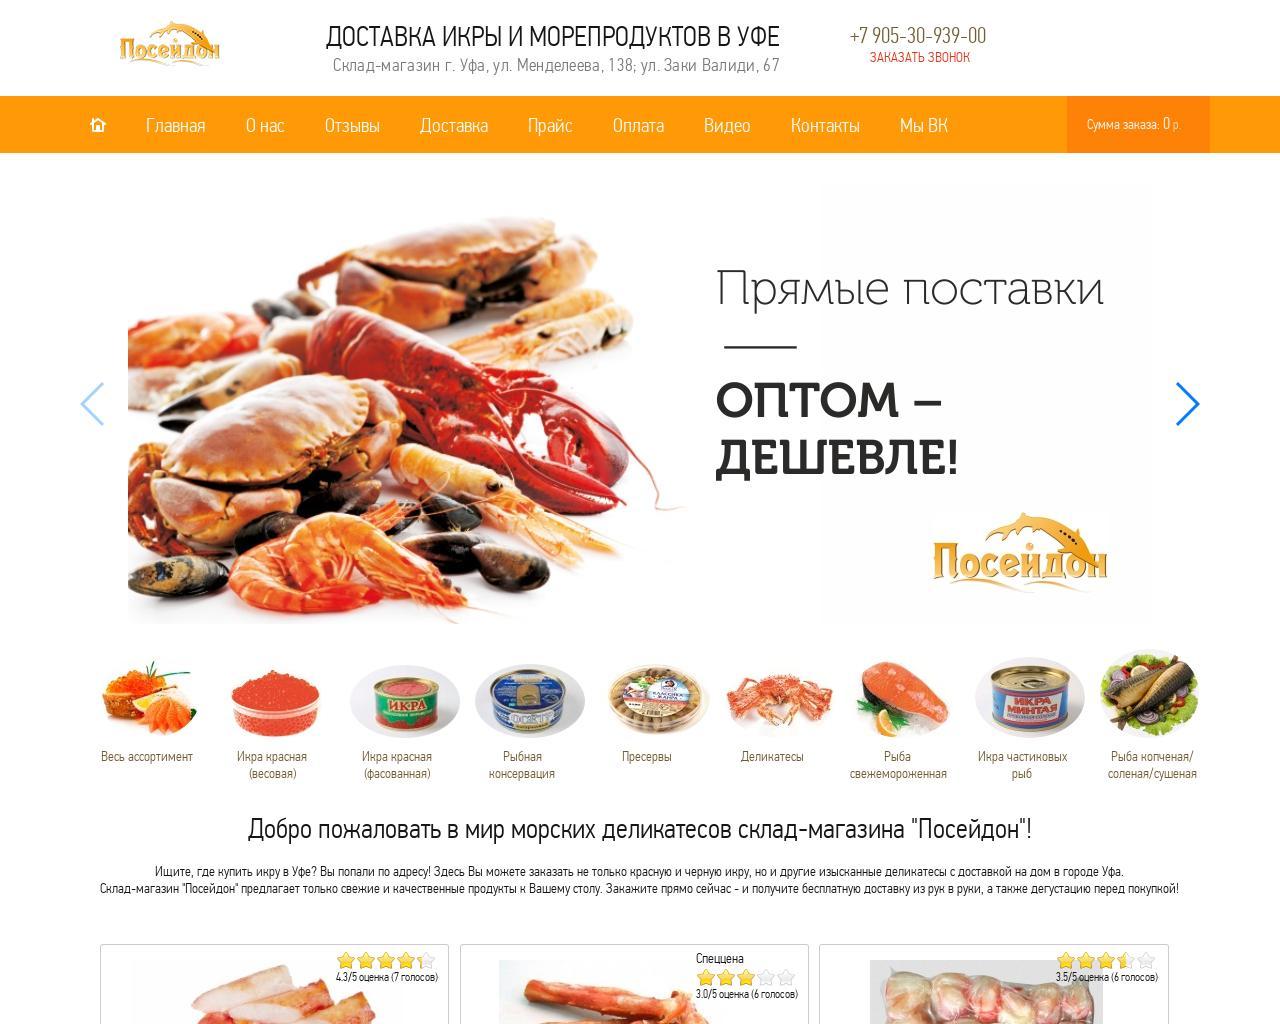 Сайт заказа и доставки красной икры в Уфе